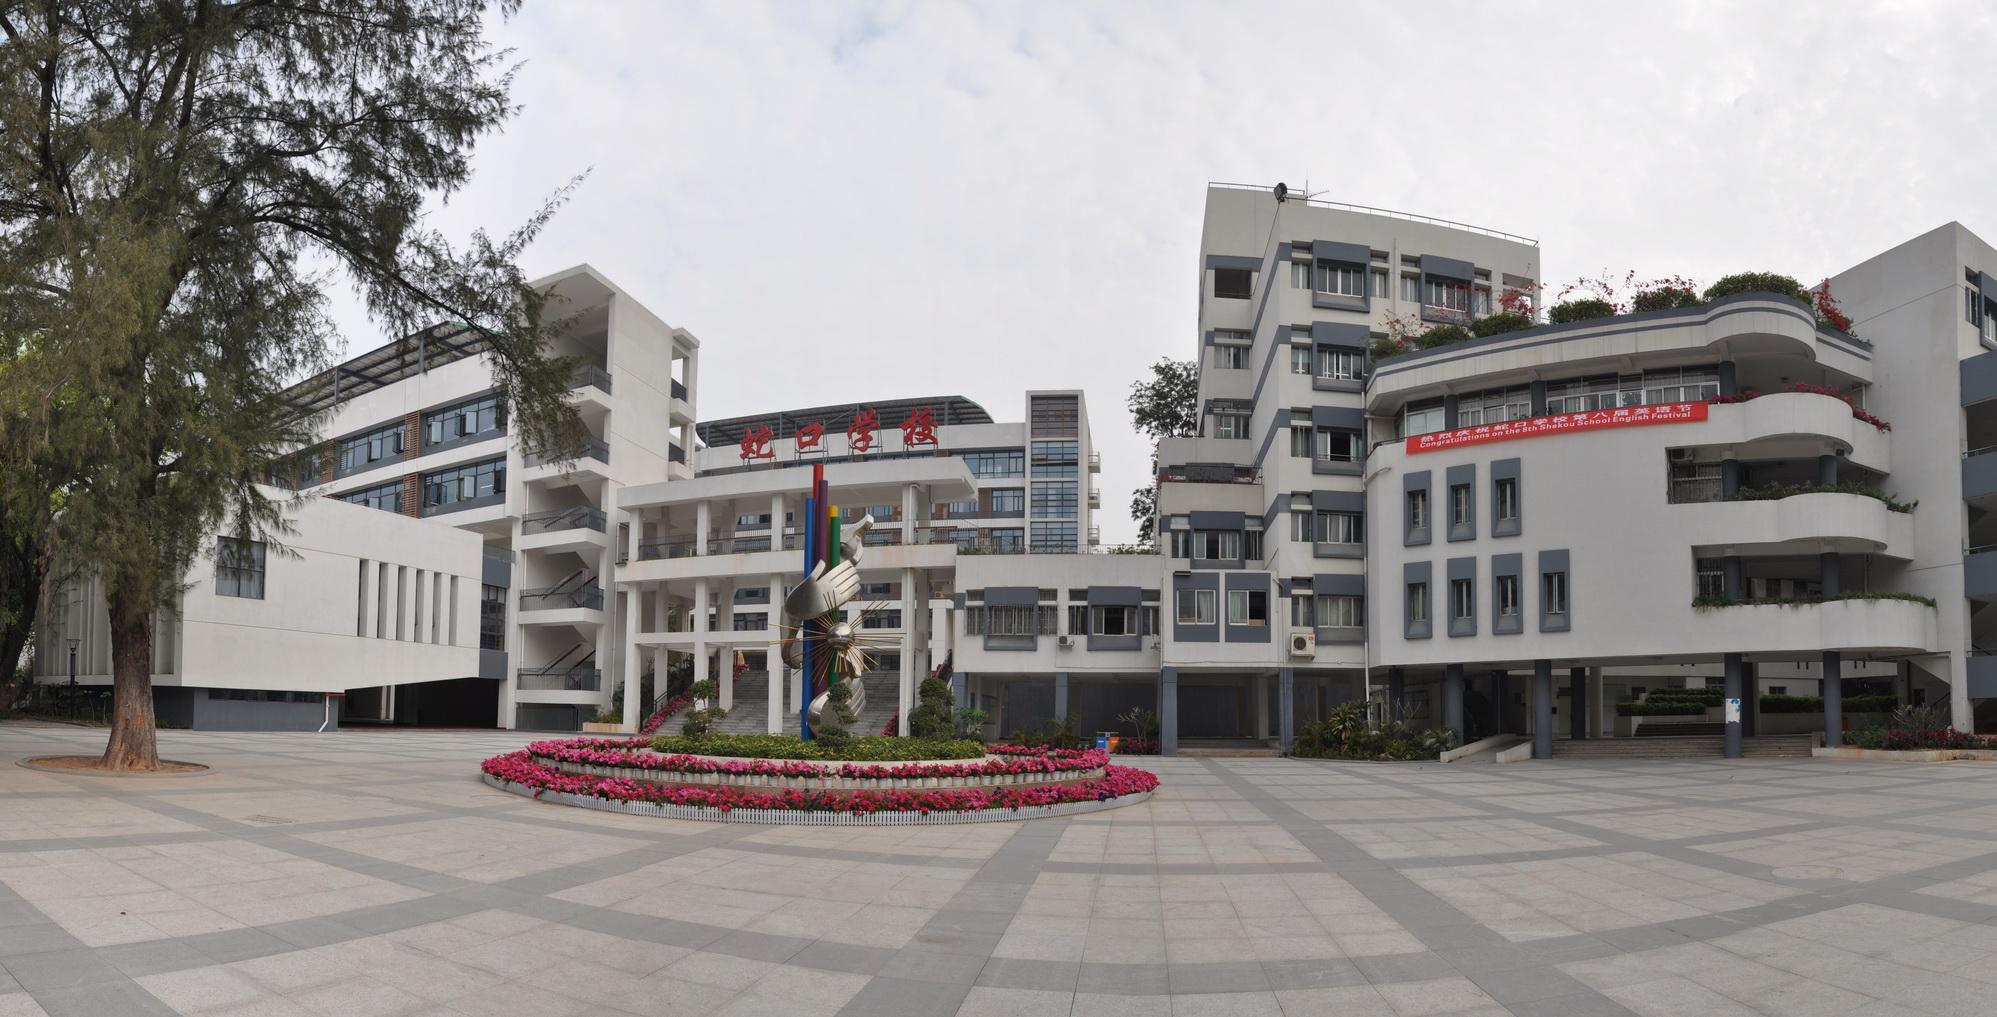 深圳市蛇口学校是2003年8月由深圳市蛇口小学(创办于1955年)与蛇口中学合并成九年一贯制的学校。校园面积3万五千平方米,建筑面积2万一千平方米。现有57个教学班,其中小学部27个班,中学部30个班,有30间教室,操场一个,体育馆一个, 多媒体室3间,实验室4间。   除了严格按照上级要求开足制定课程外,蛇口学校注重校本课程开发,努力把师生生活经验和特长爱好转化成特色课程。如《蛇口学校电视台》、《机器人进课堂》、《形体训练》等十多门拓展性课程和荔林文学社等20多个社团。 蛇口学校还不断拓展学生国际教